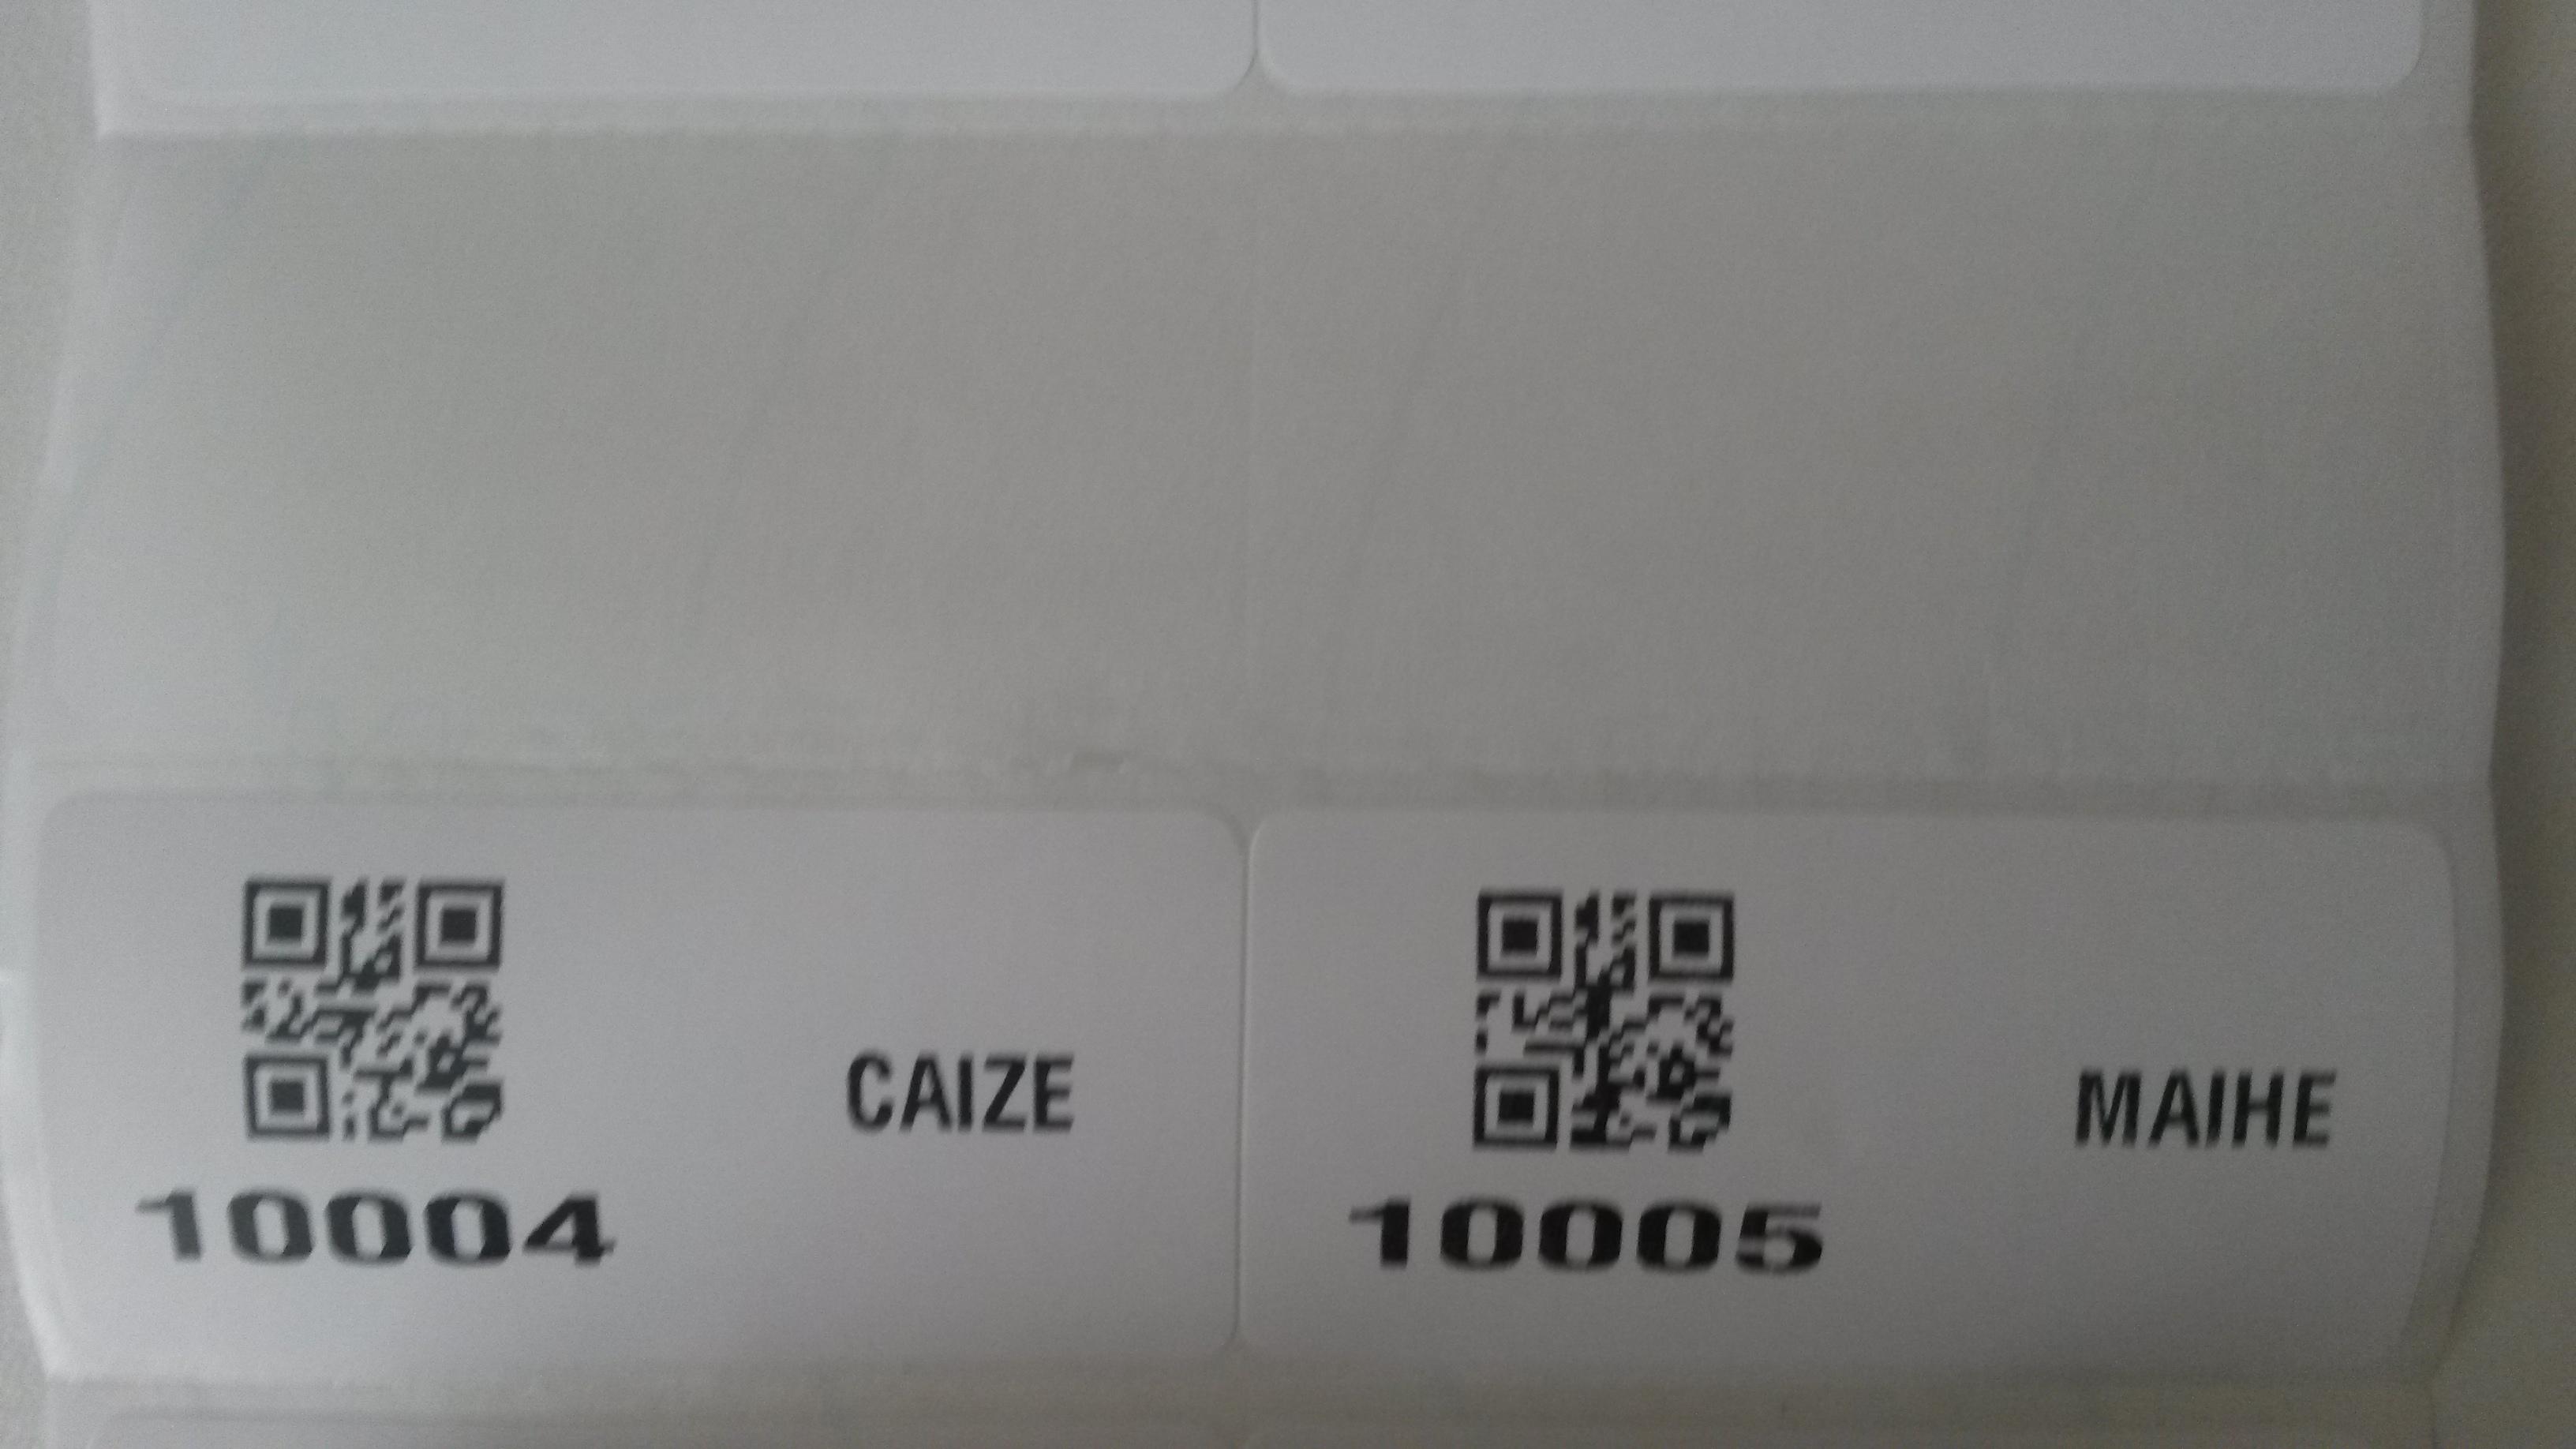 label designer zebra output  zpl format alternative for genotyping